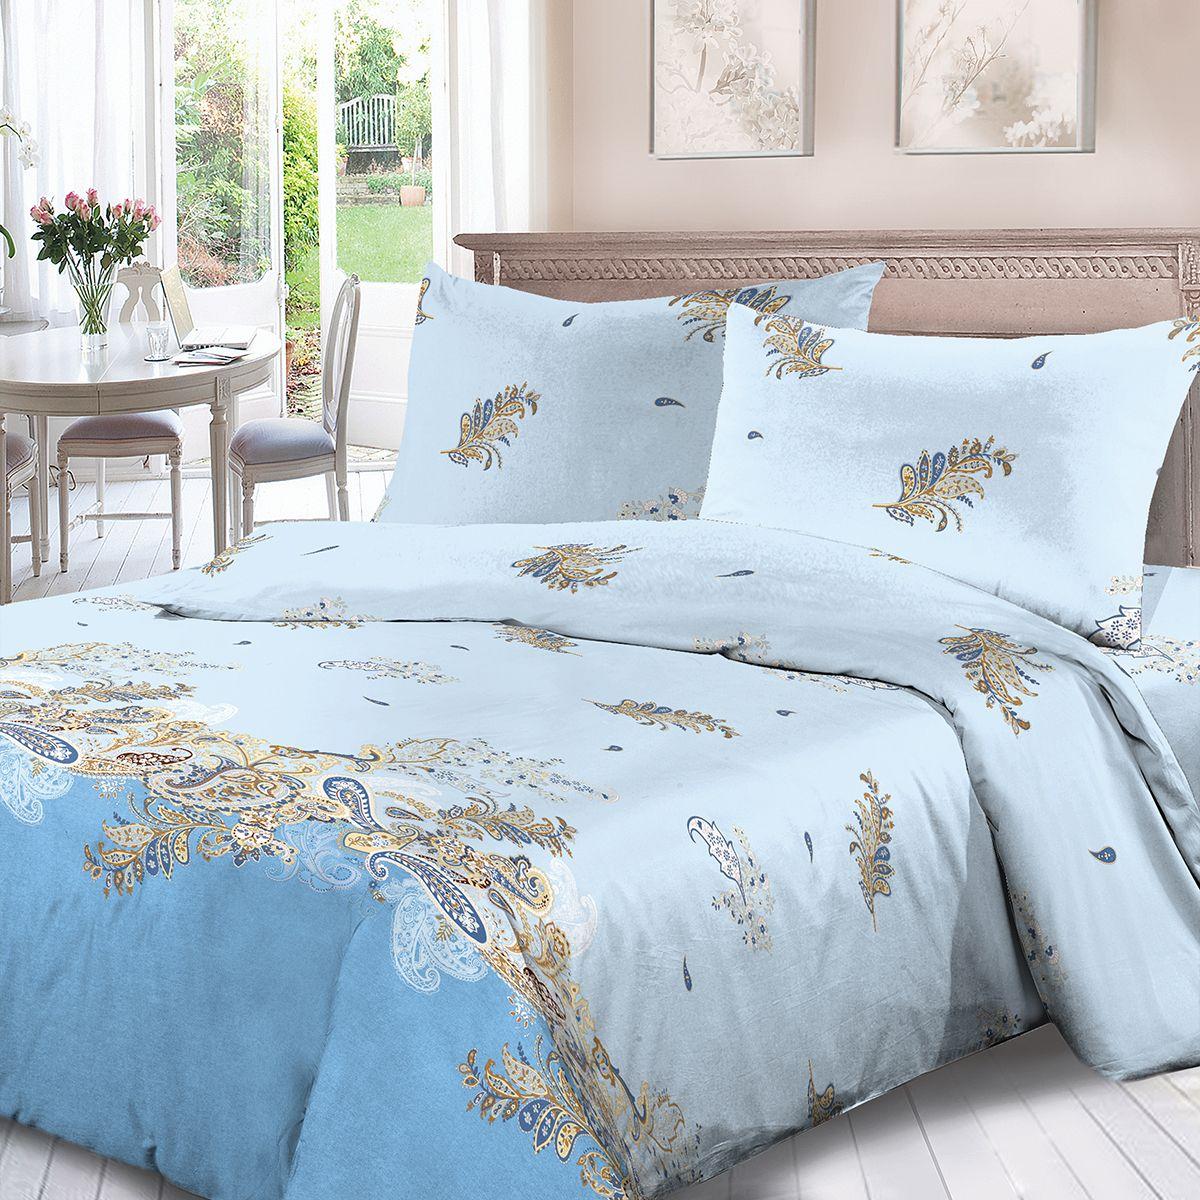 Комплект белья Для Снов Македония, 2-х спальное, наволочки 70x70, цвет: голубой. 4129-190149